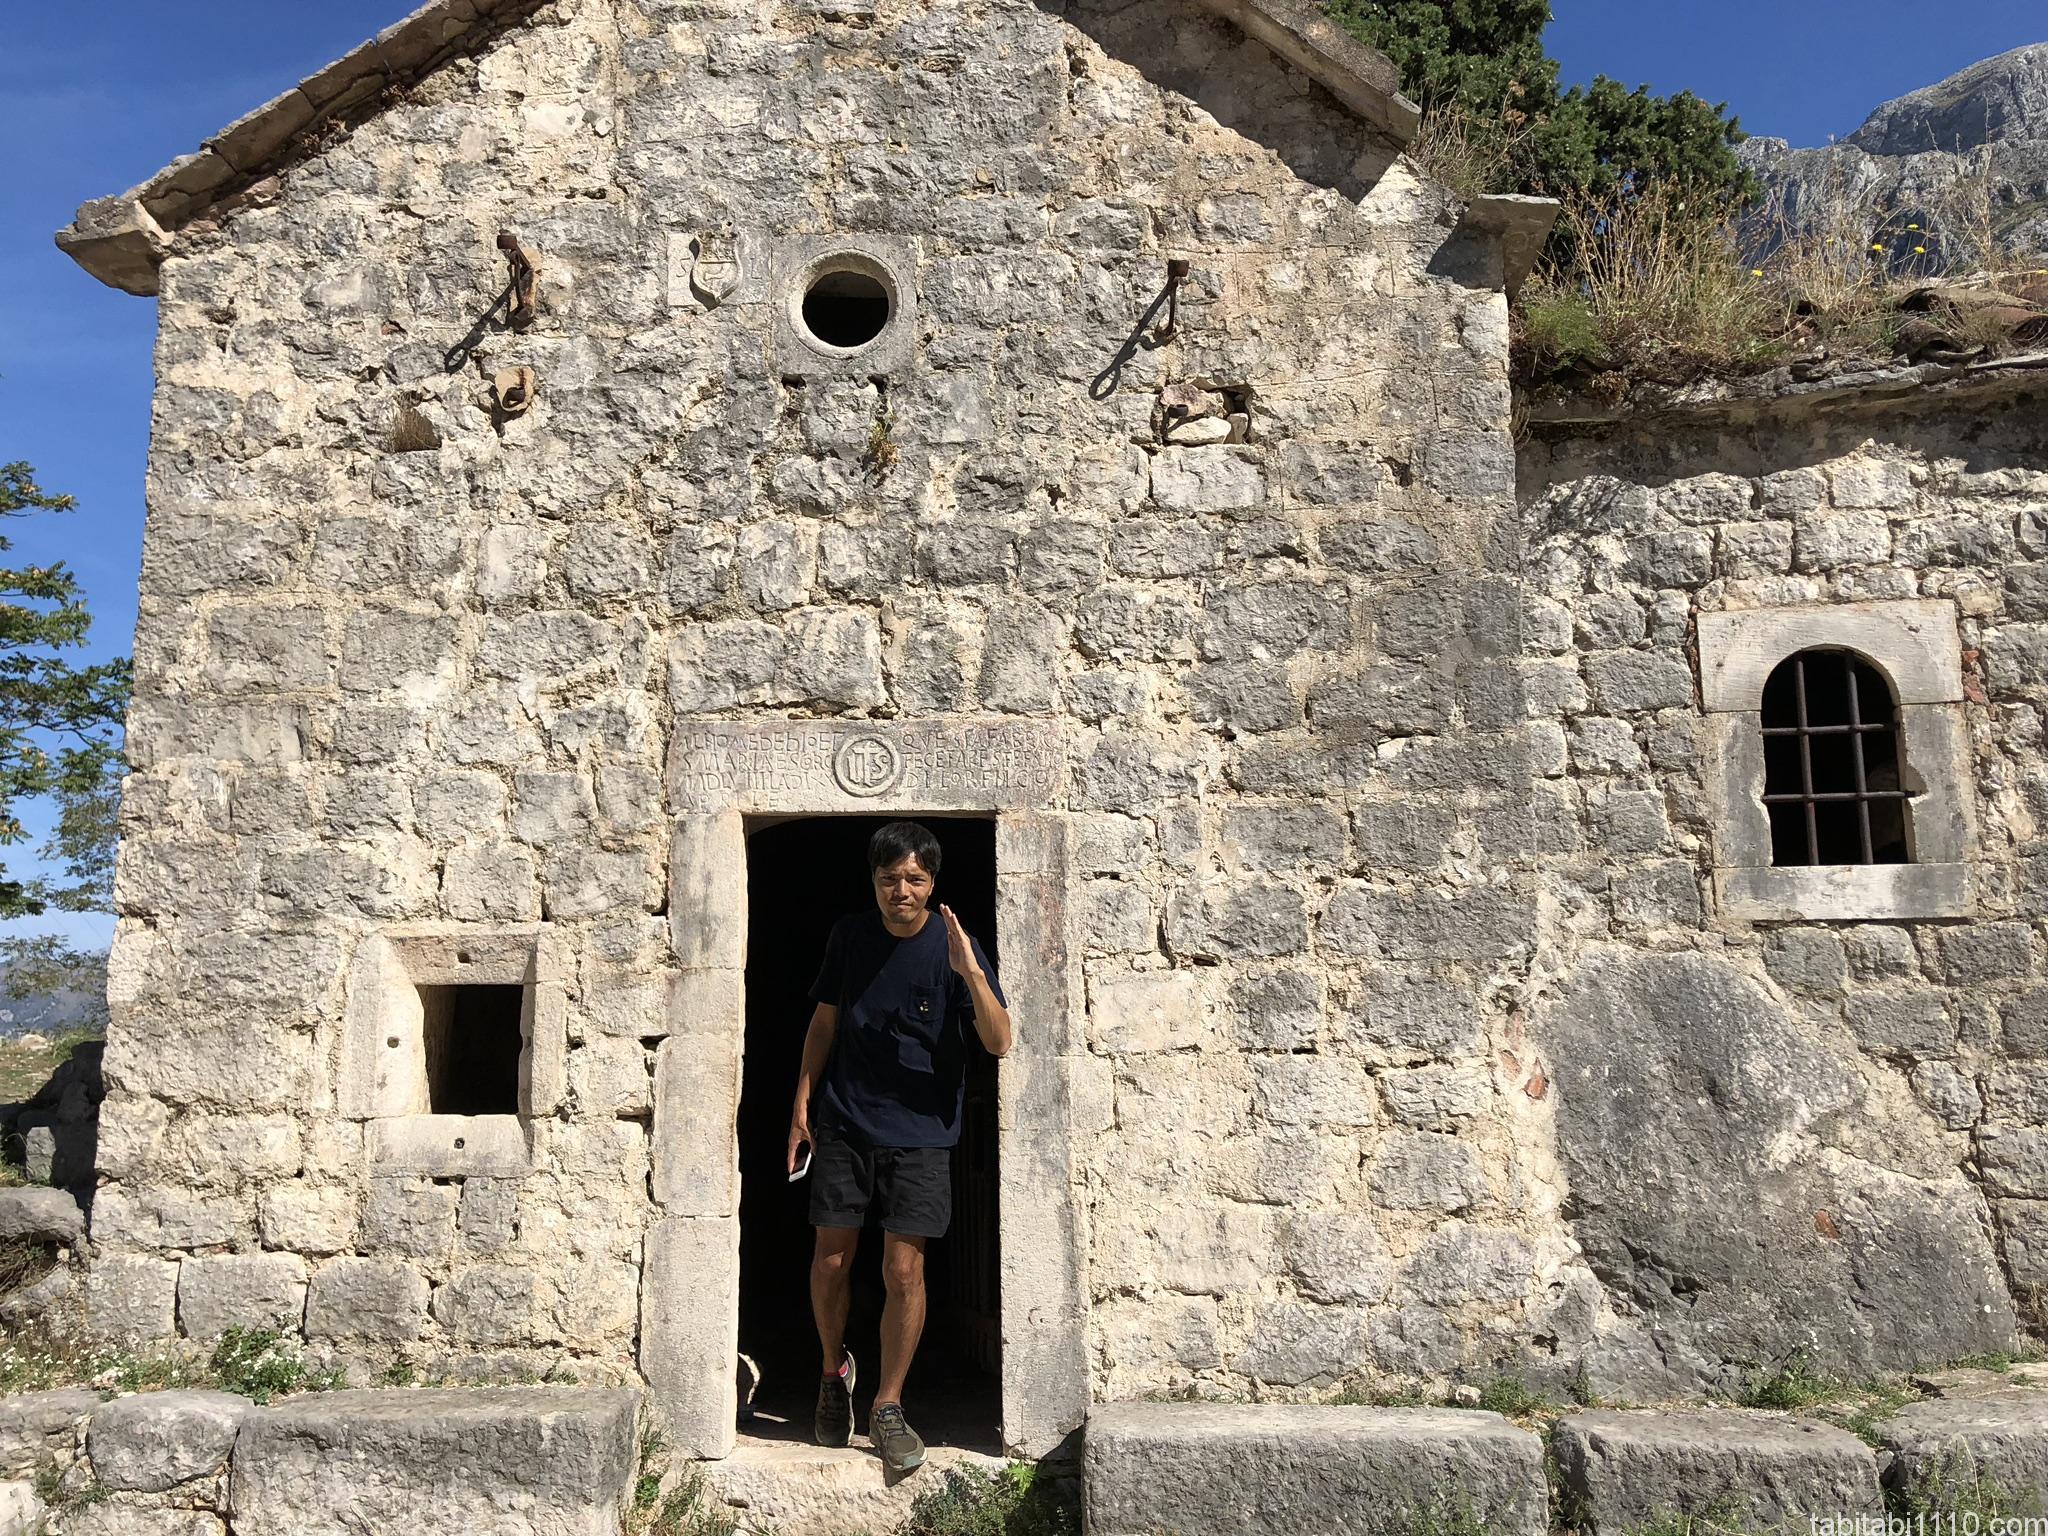 コトル|展望台までの登山|教会